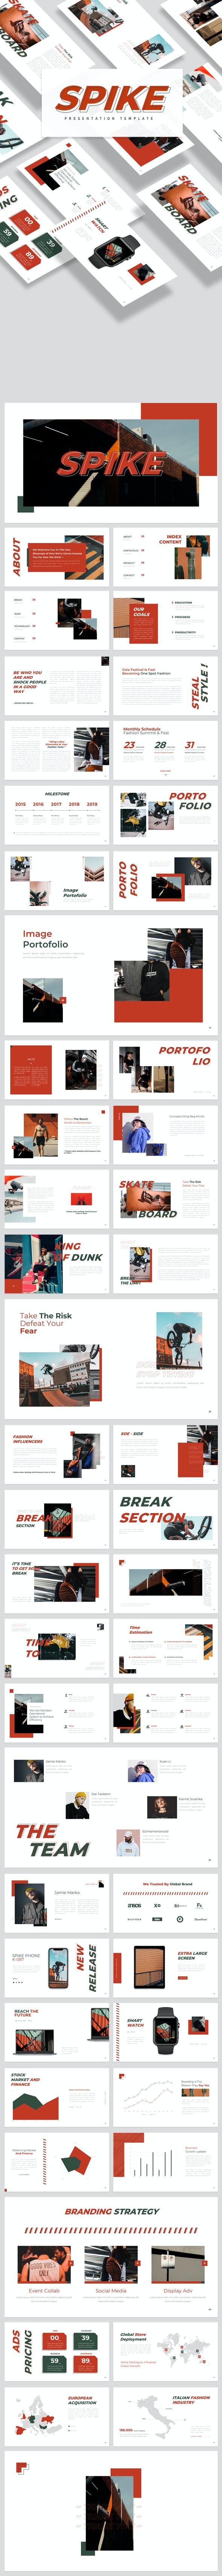 Spike Google Slides - Google Slides Presentation Templates